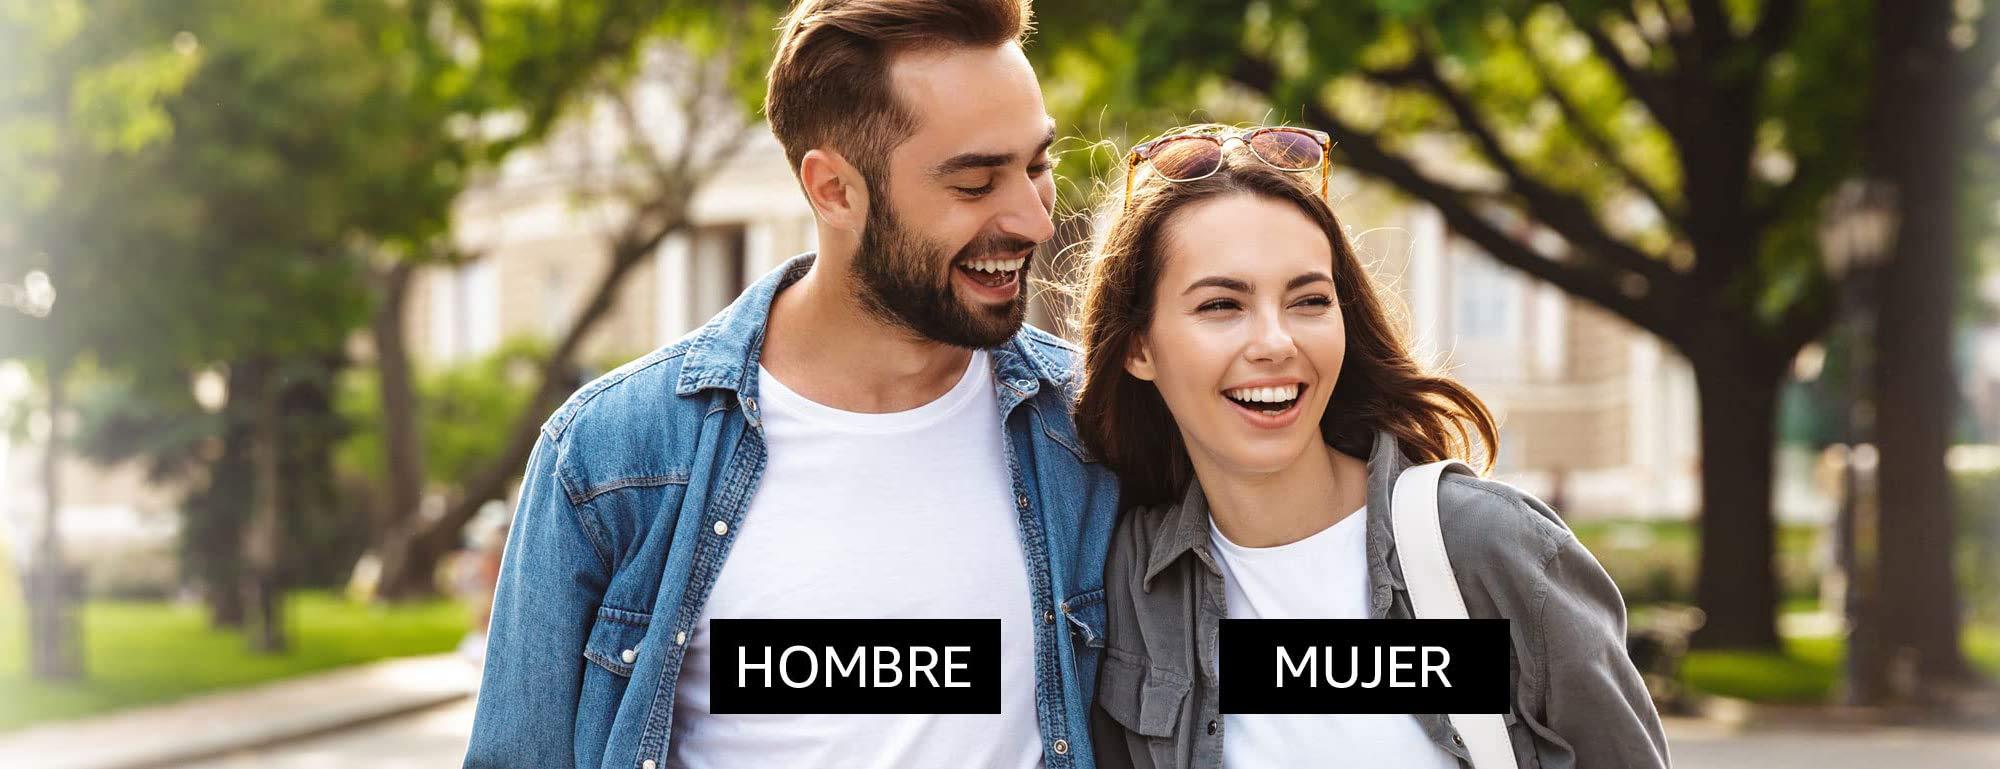 Anuncia ropa para hombres y mujeres y vende en línea